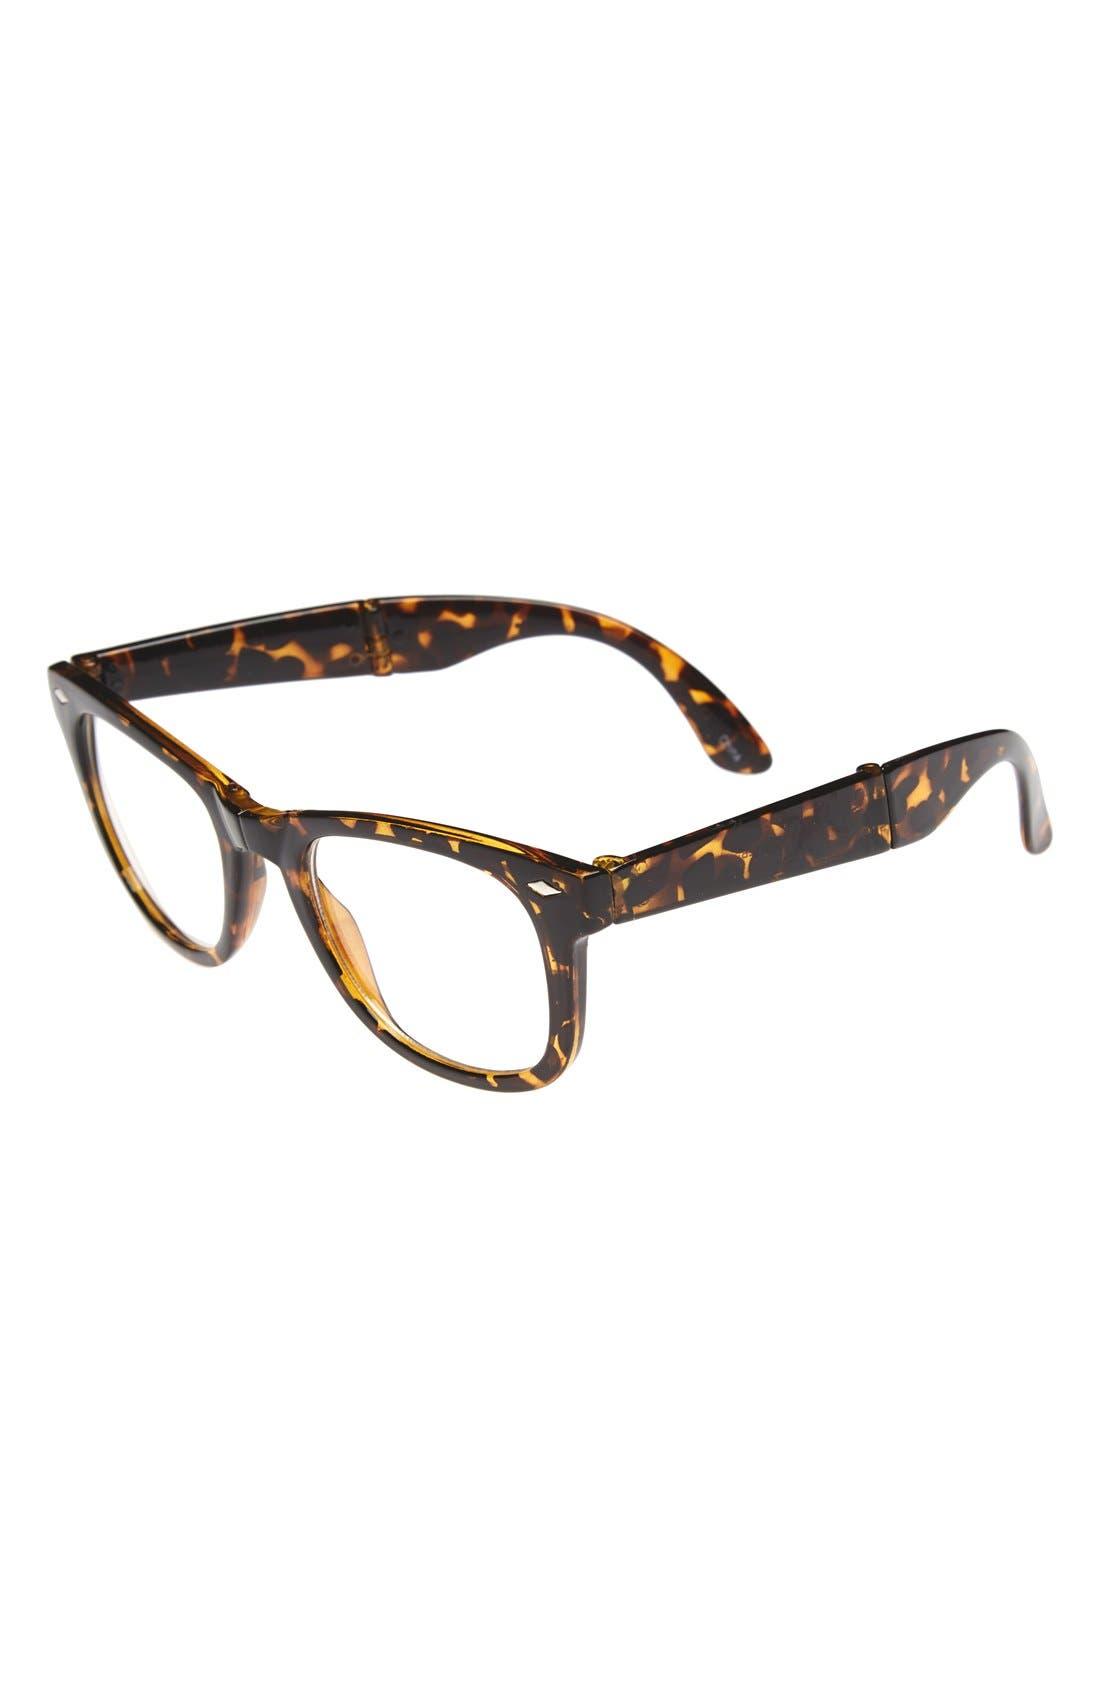 Alternate Image 1 Selected - Icon Eyewear 'Ethan - Tortoise Tortoise' Foldable Glasses